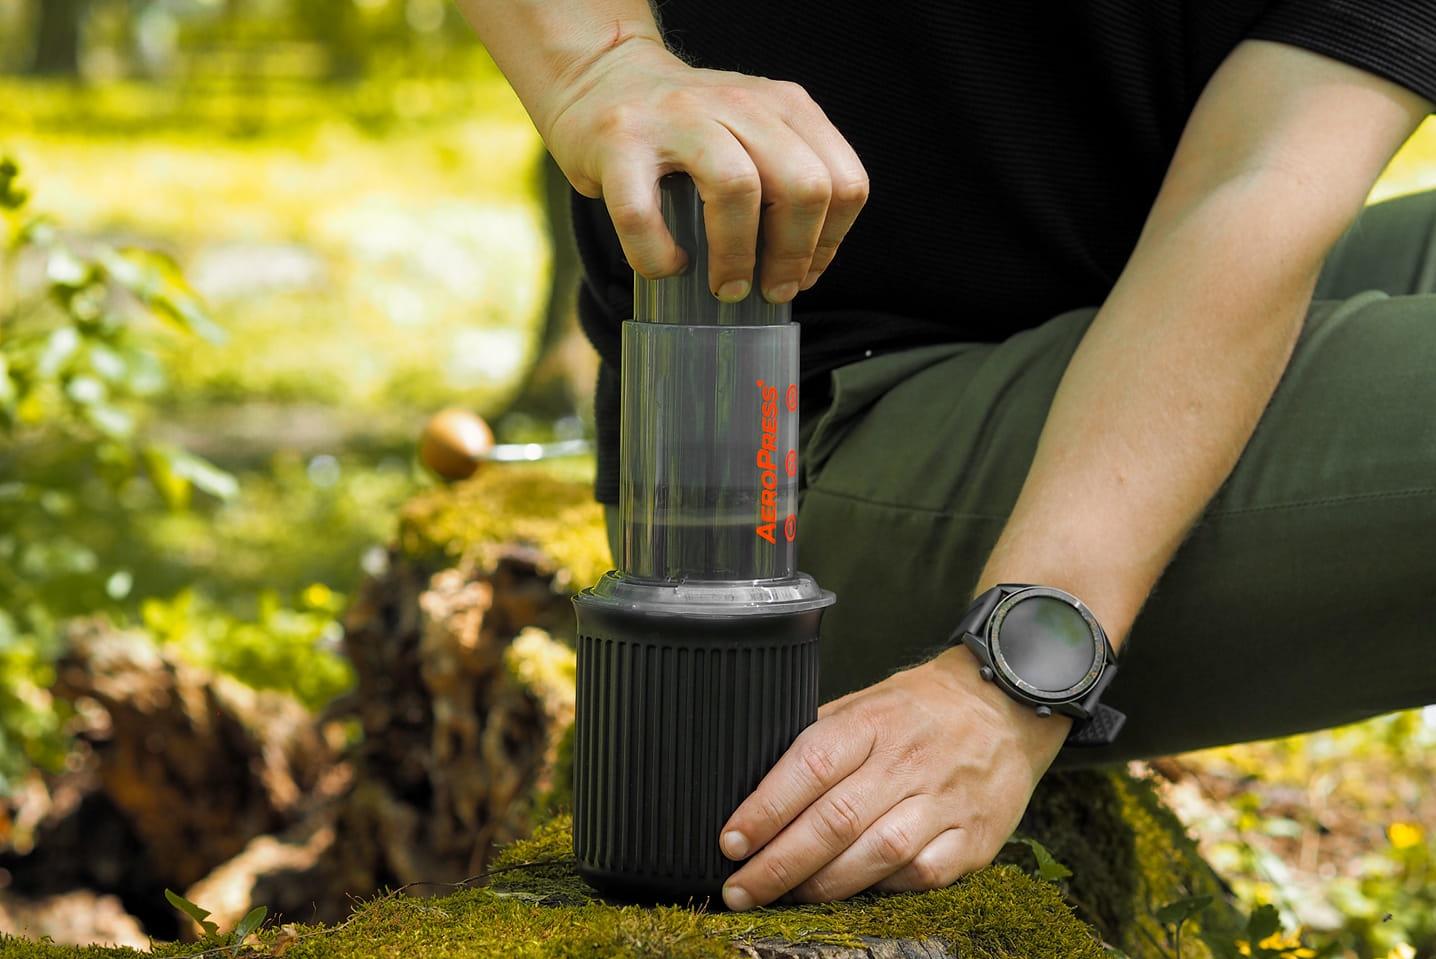 Przygotowanie kawy w terenie